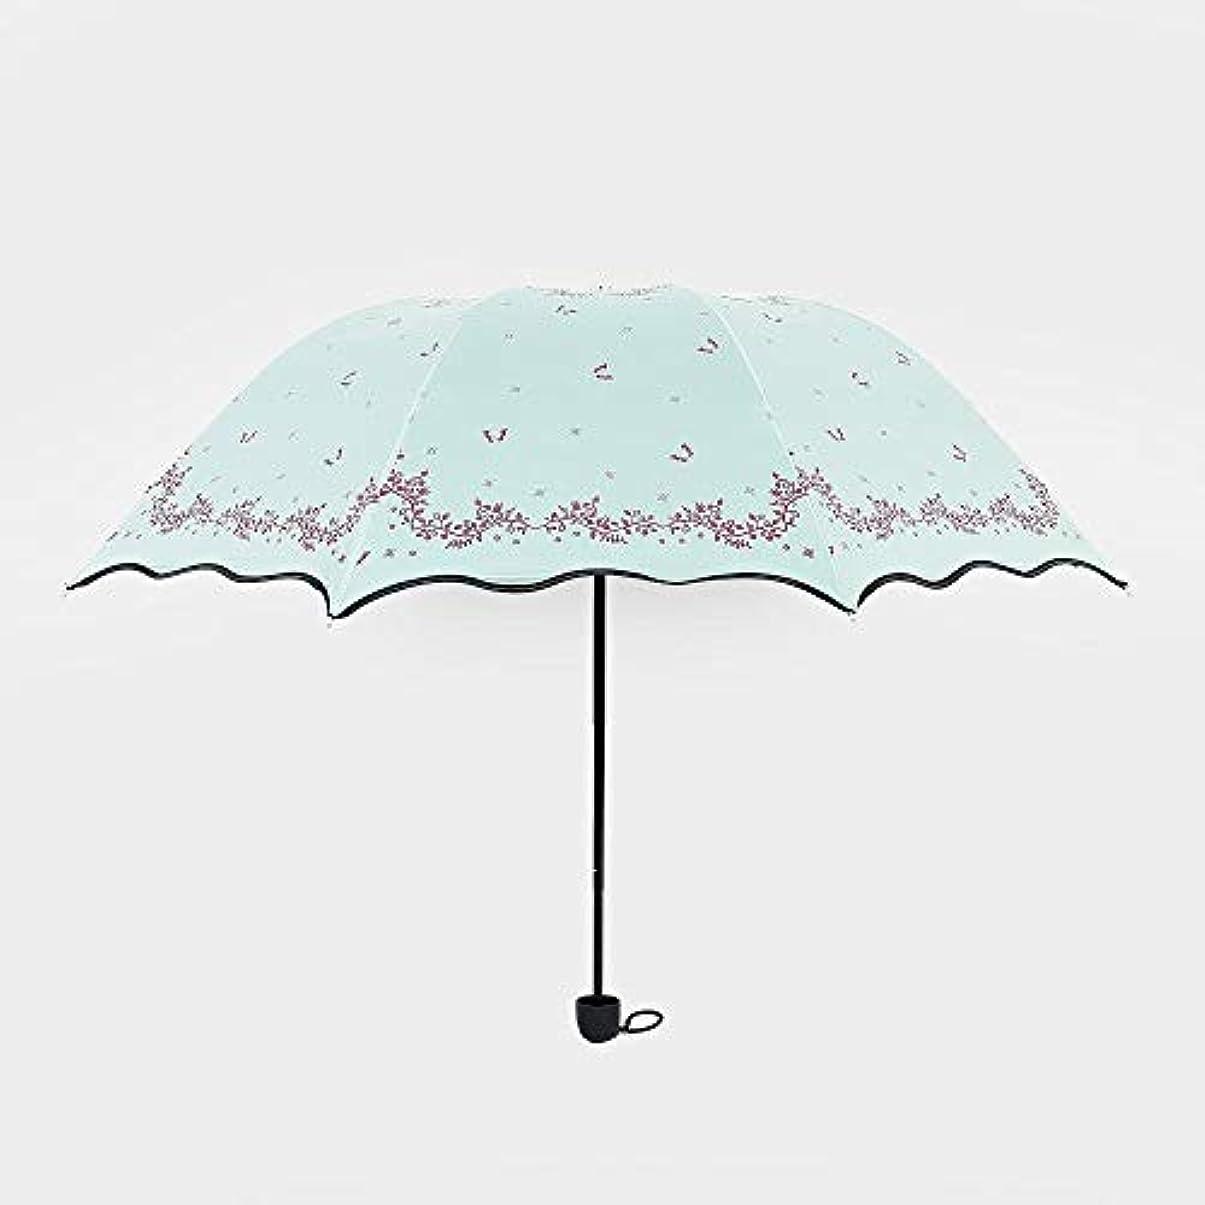 魔法掻くほこりっぽいChuangshengnet 傘ビニール傘小さな花の傘屋外折りたたみ傘日焼け防止 (Color : 青)